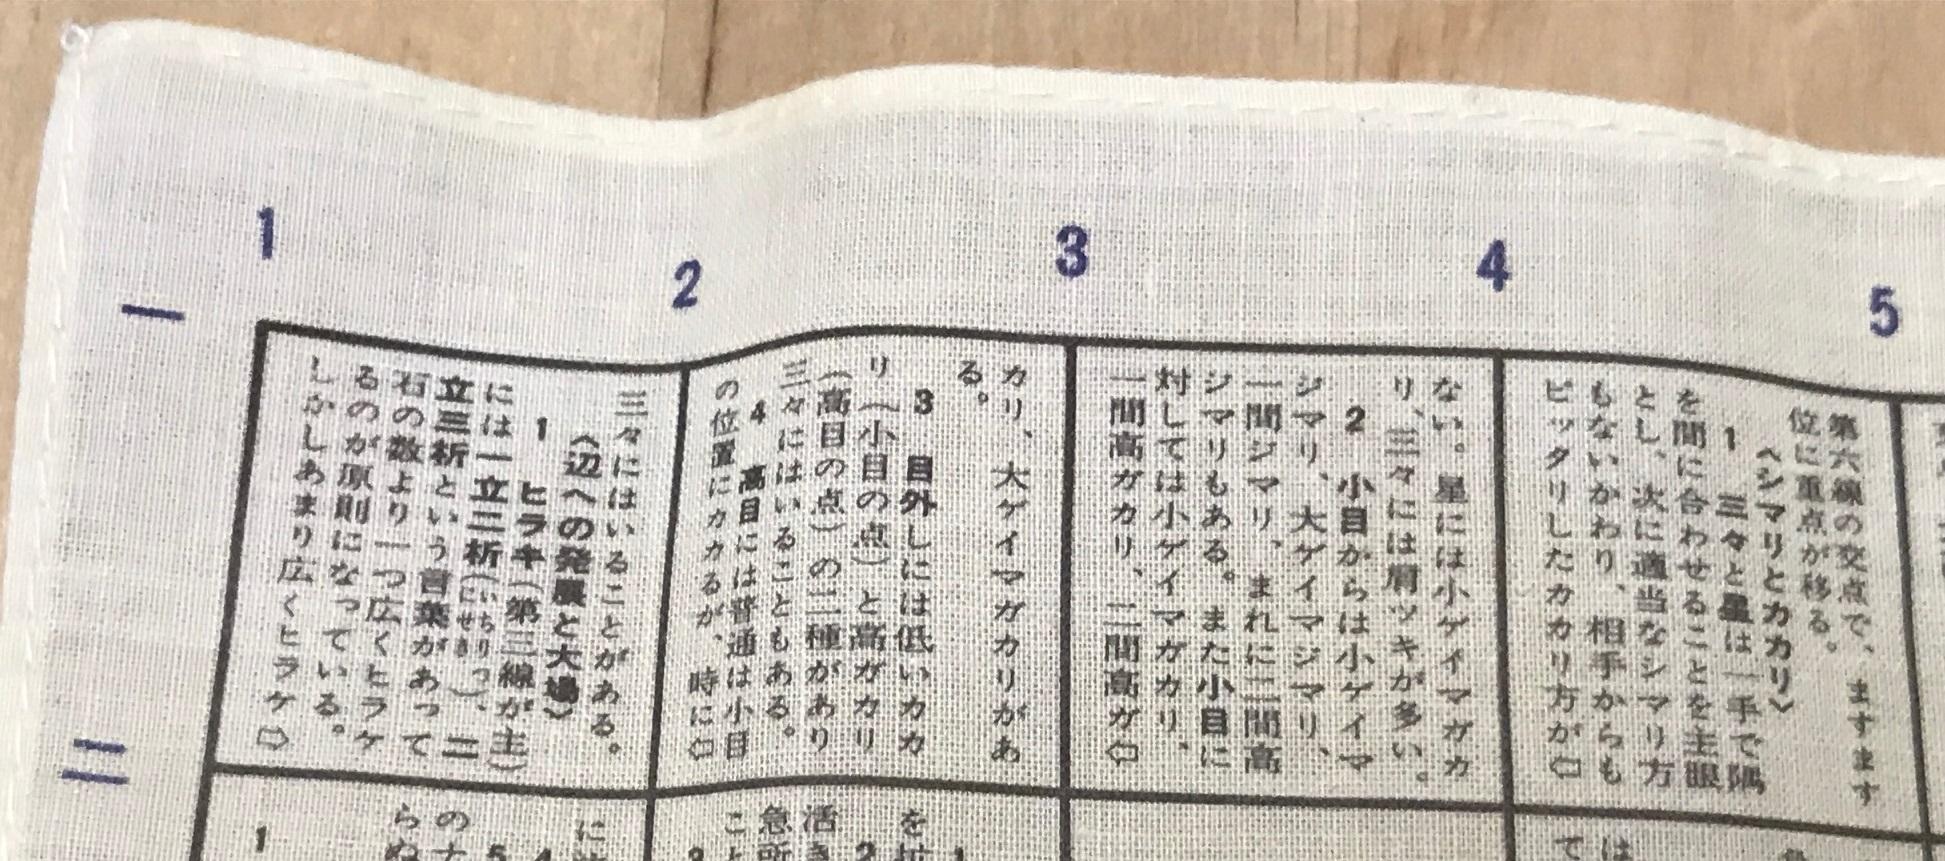 『囲碁百科ハンカチ』 その6